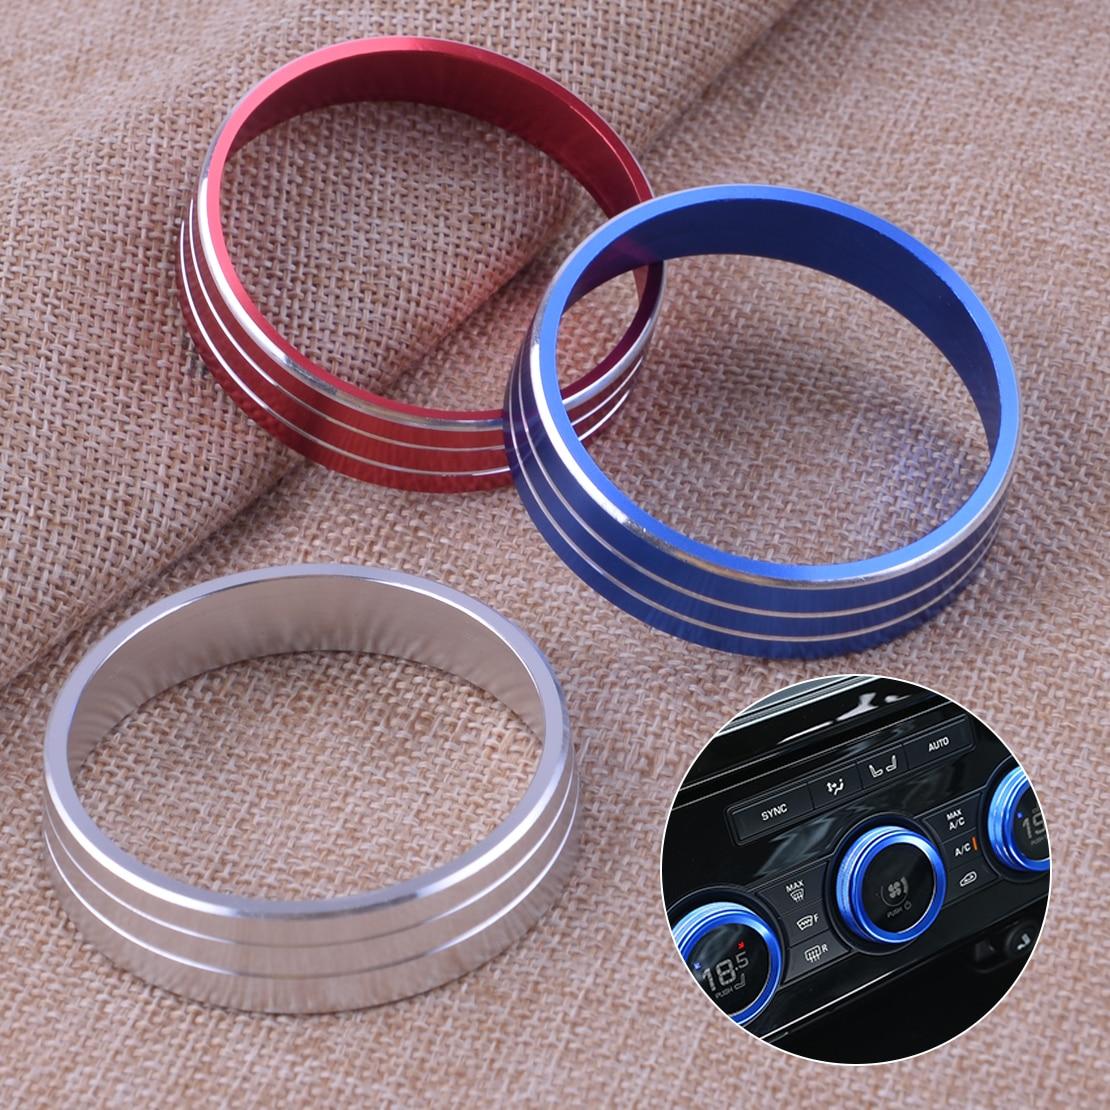 DWCX A/C chauffage panneau de commande de climatisation boutons boutons couvercle garniture anneau adapté pour Mitsubishi Lancer Outlander